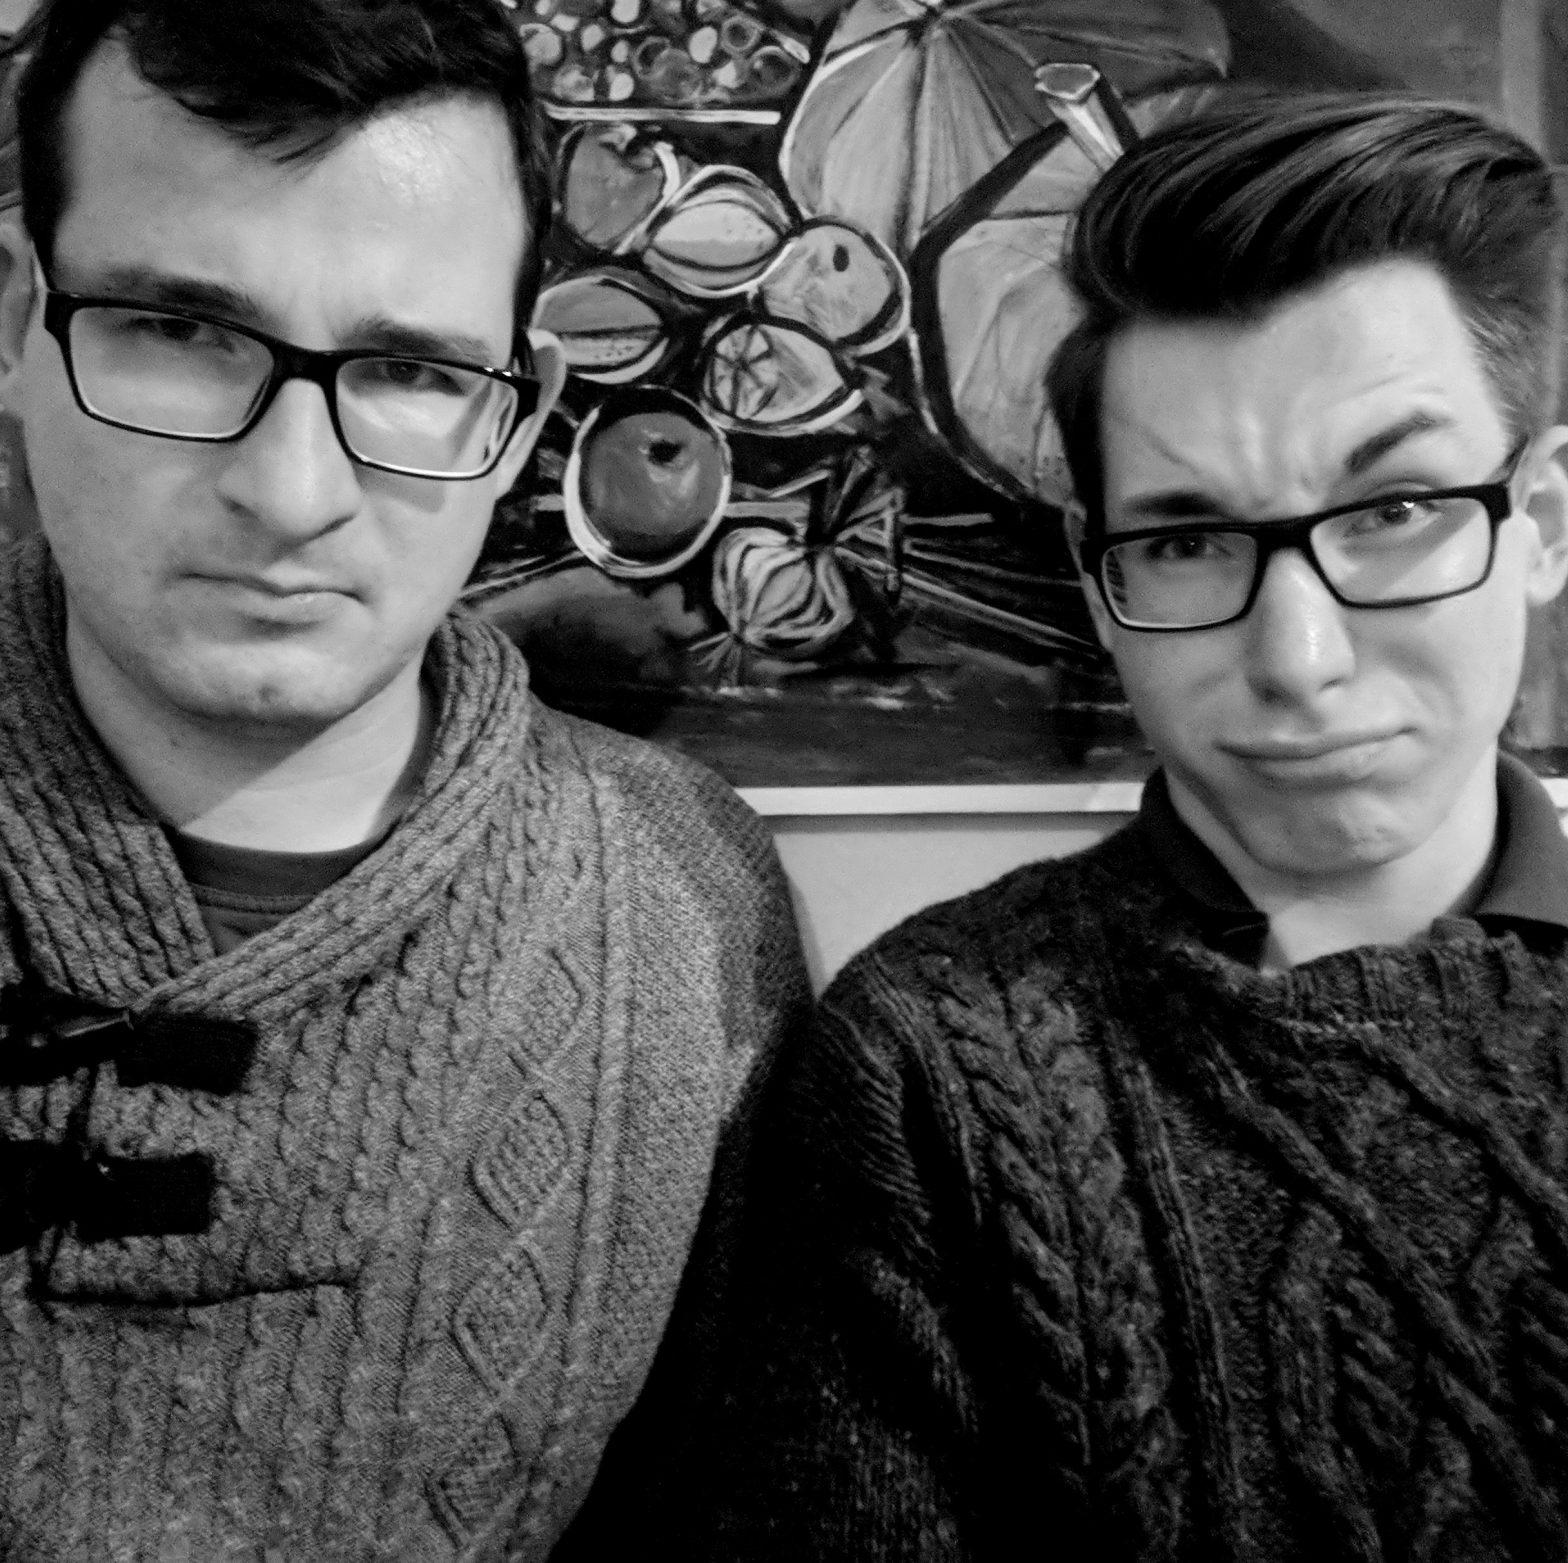 Peter und Felix von Schnapszahlbrothers. Finstere Gesichtsausdrücke.